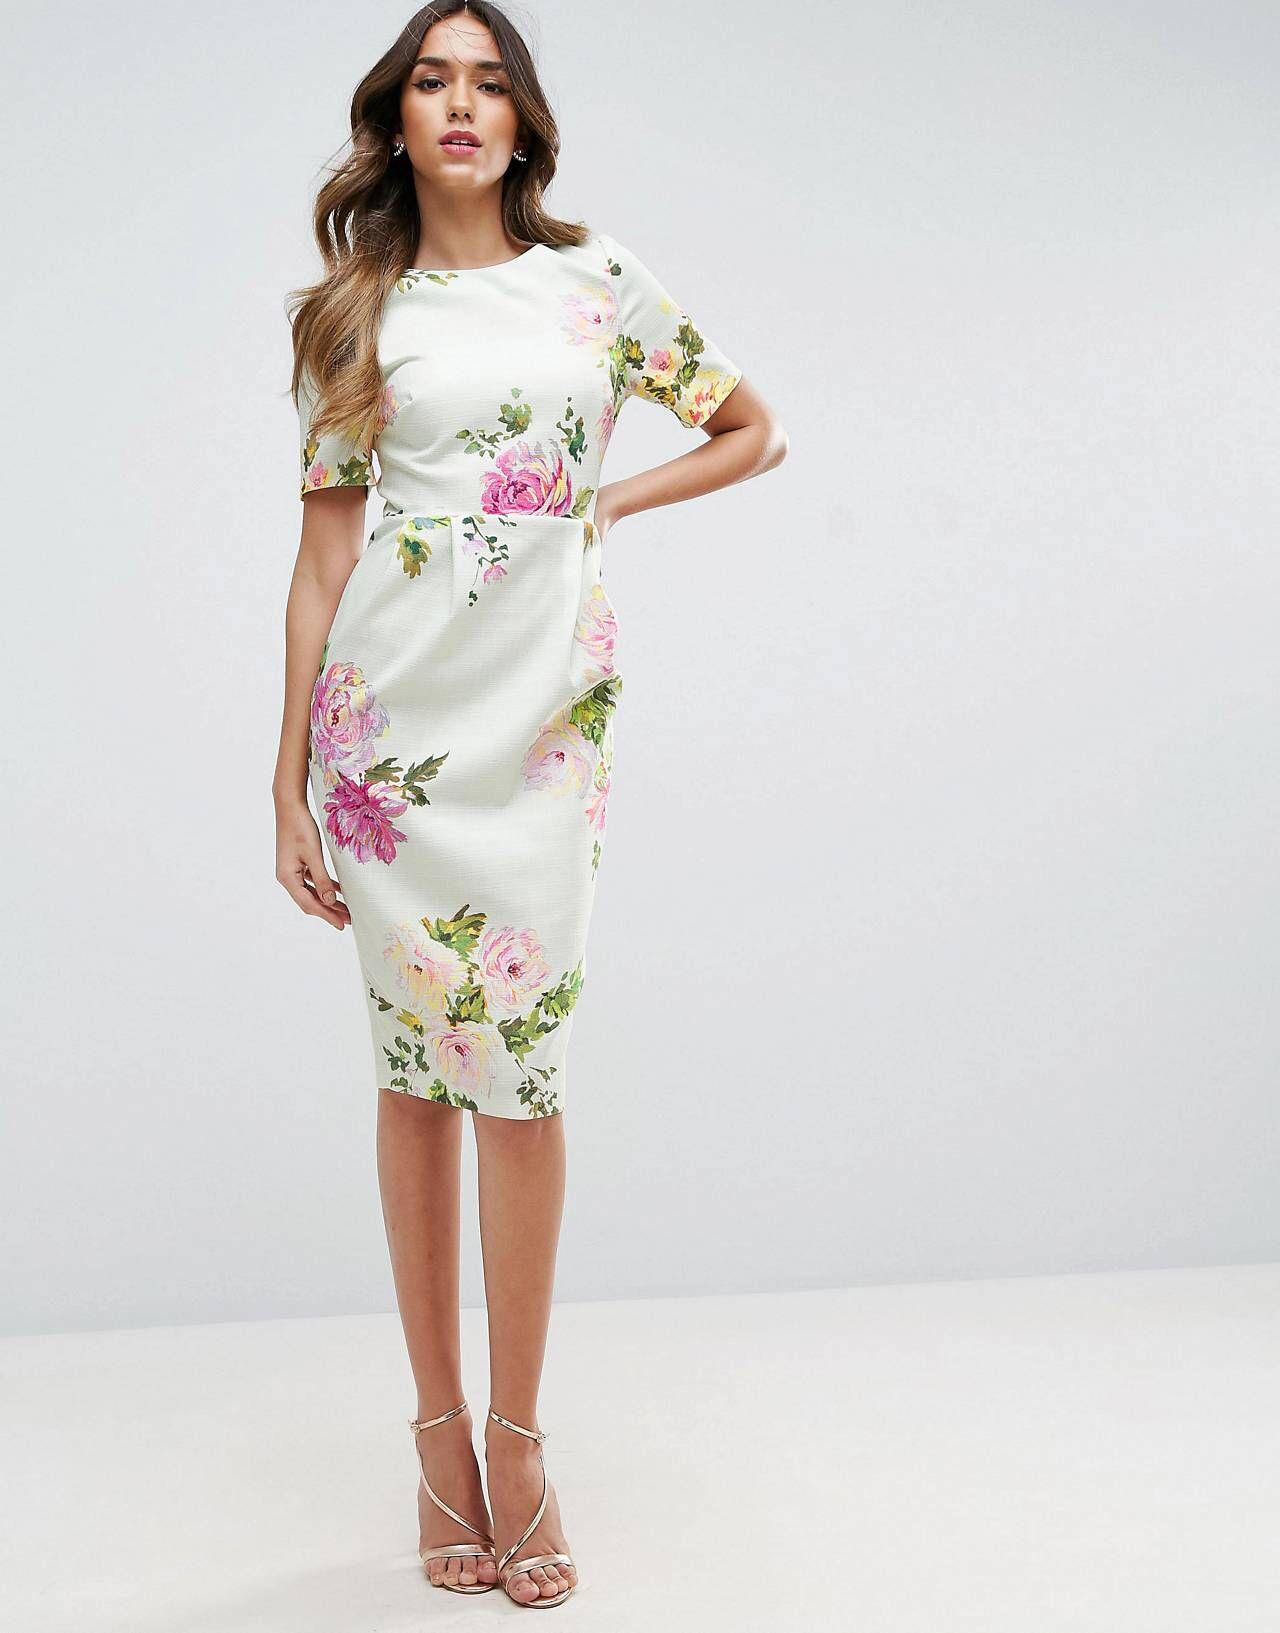 Compra Vestido de efecto movimiento con estampado flores de ASOS en ASOS.  Descubre la moda online.